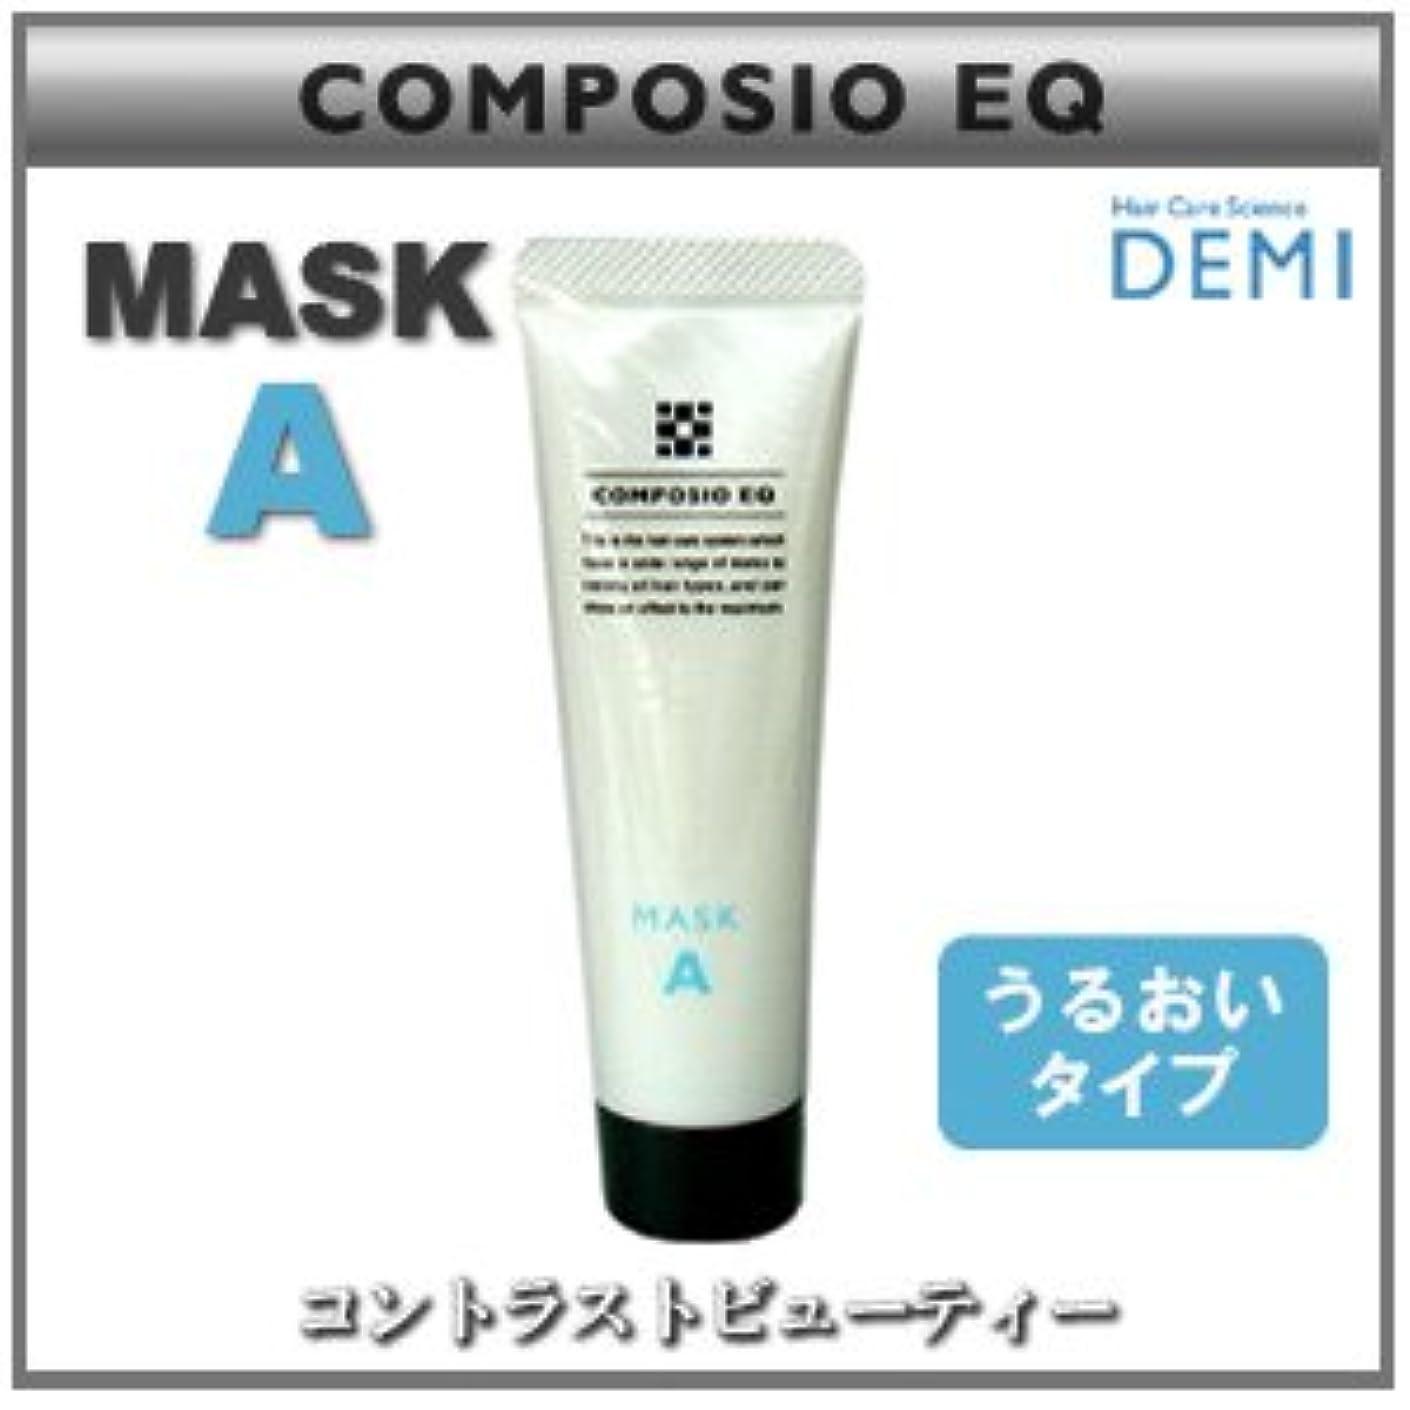 素晴らしいです二マインド【X5個セット】 デミ コンポジオ EQ マスク A 50g